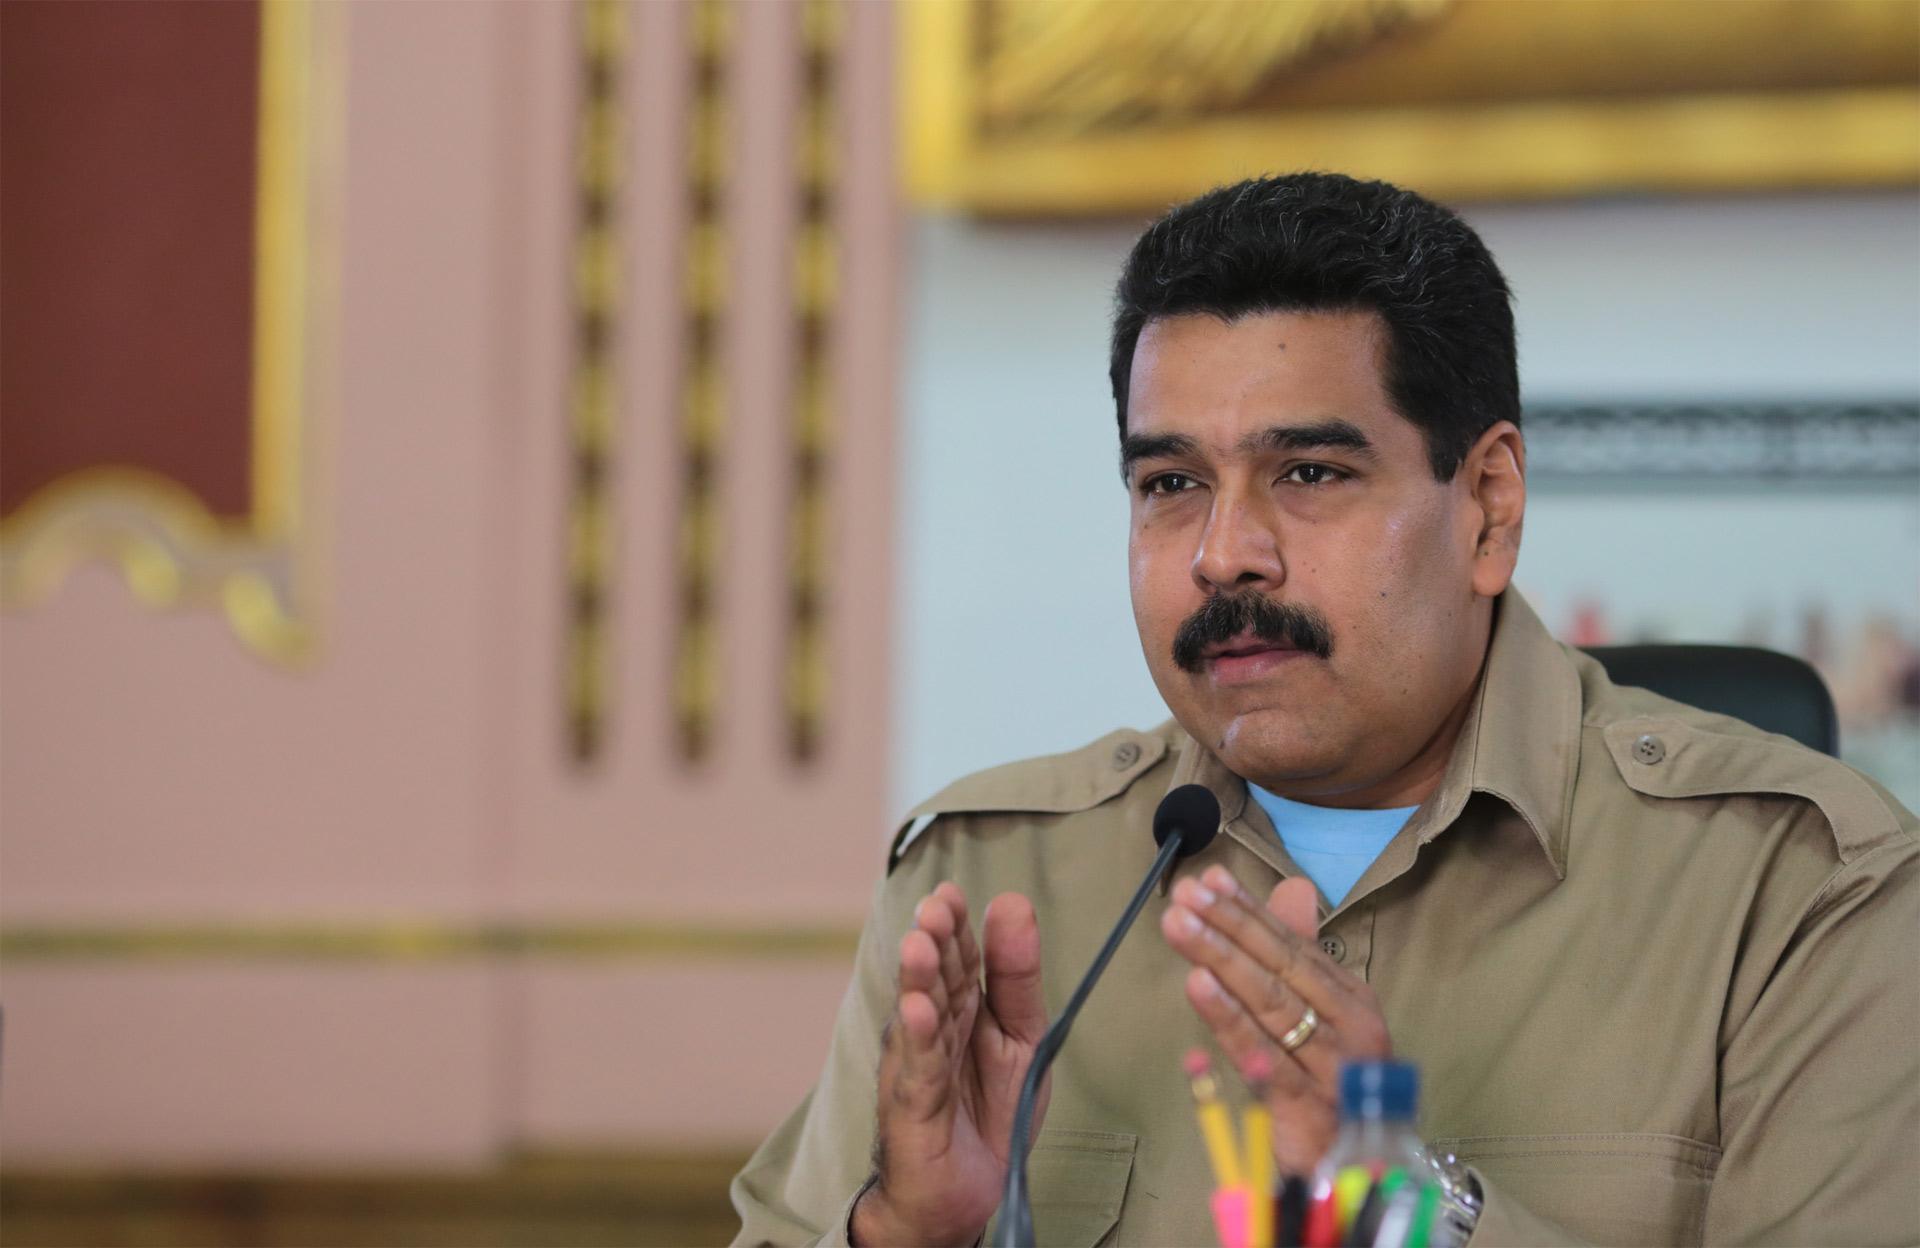 El presidente Nicolás Maduro informó que el crédito es de $5.000 millones, el mismo monto percibido en julio de este año